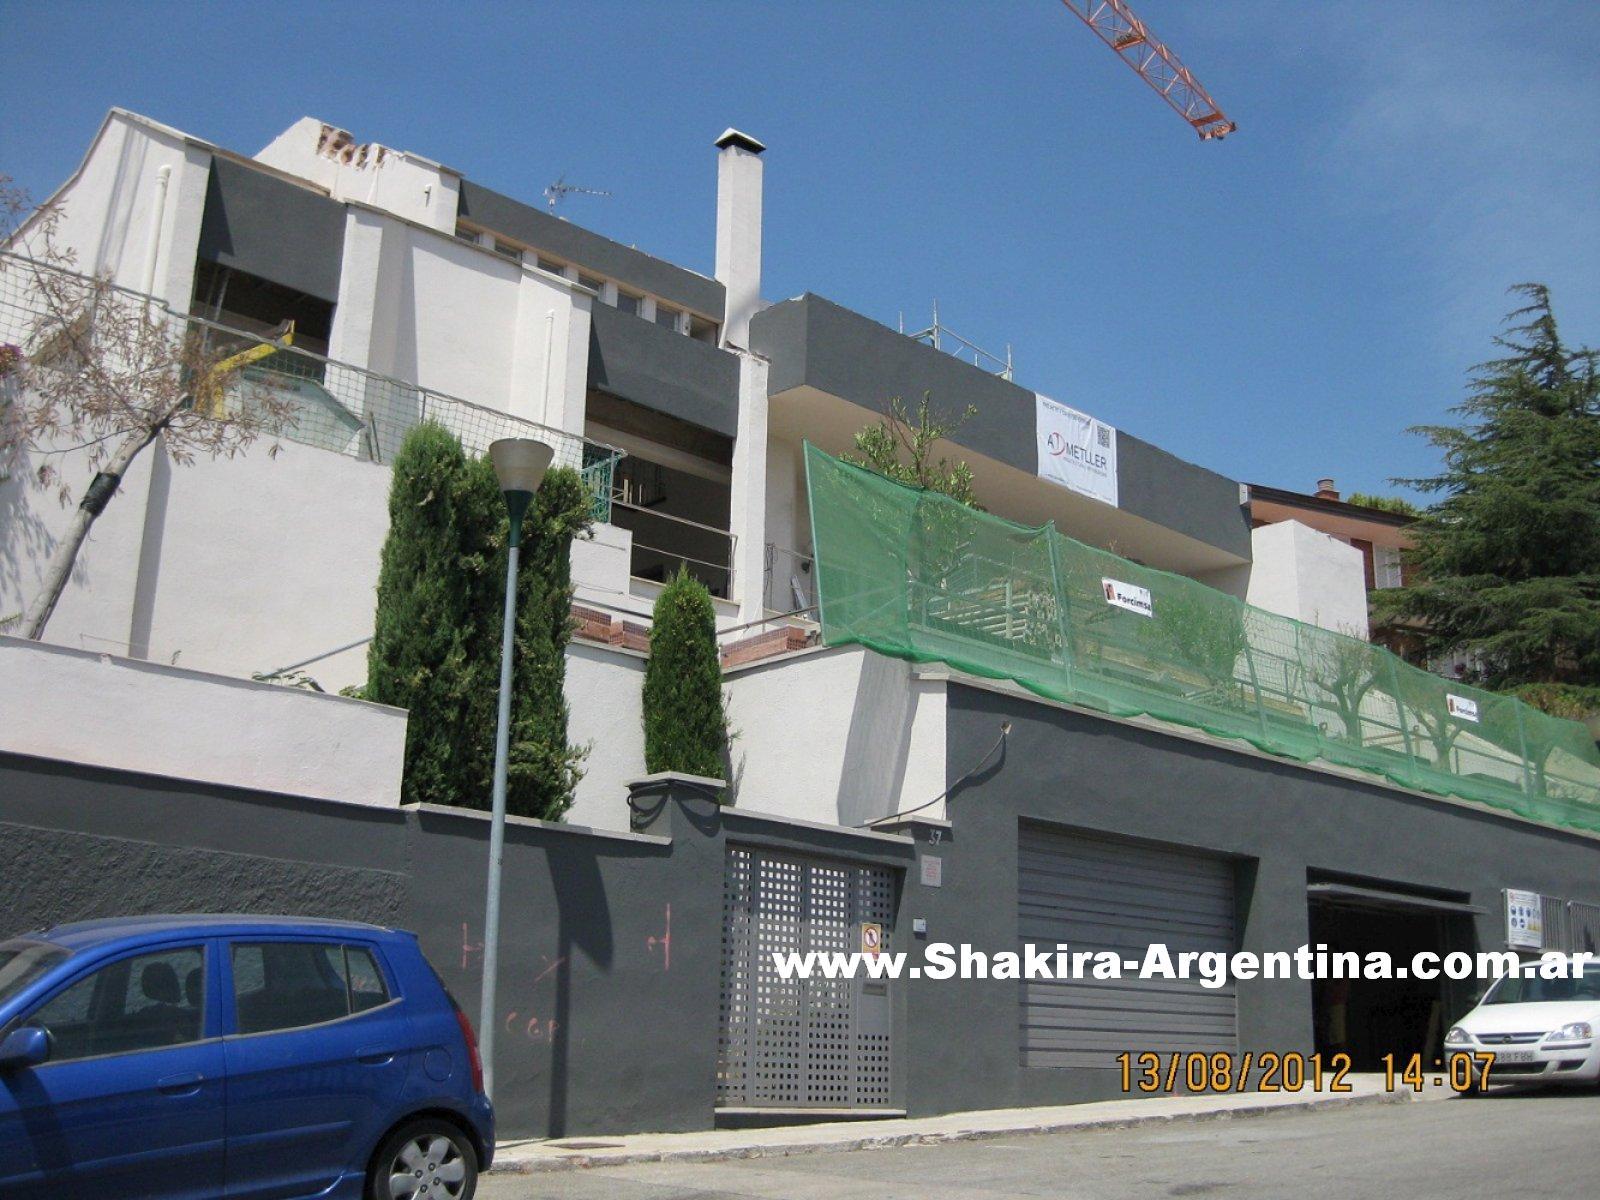 Shakira argentina fotos in ditas casa de shakira y - Aticos en esplugues de llobregat ...